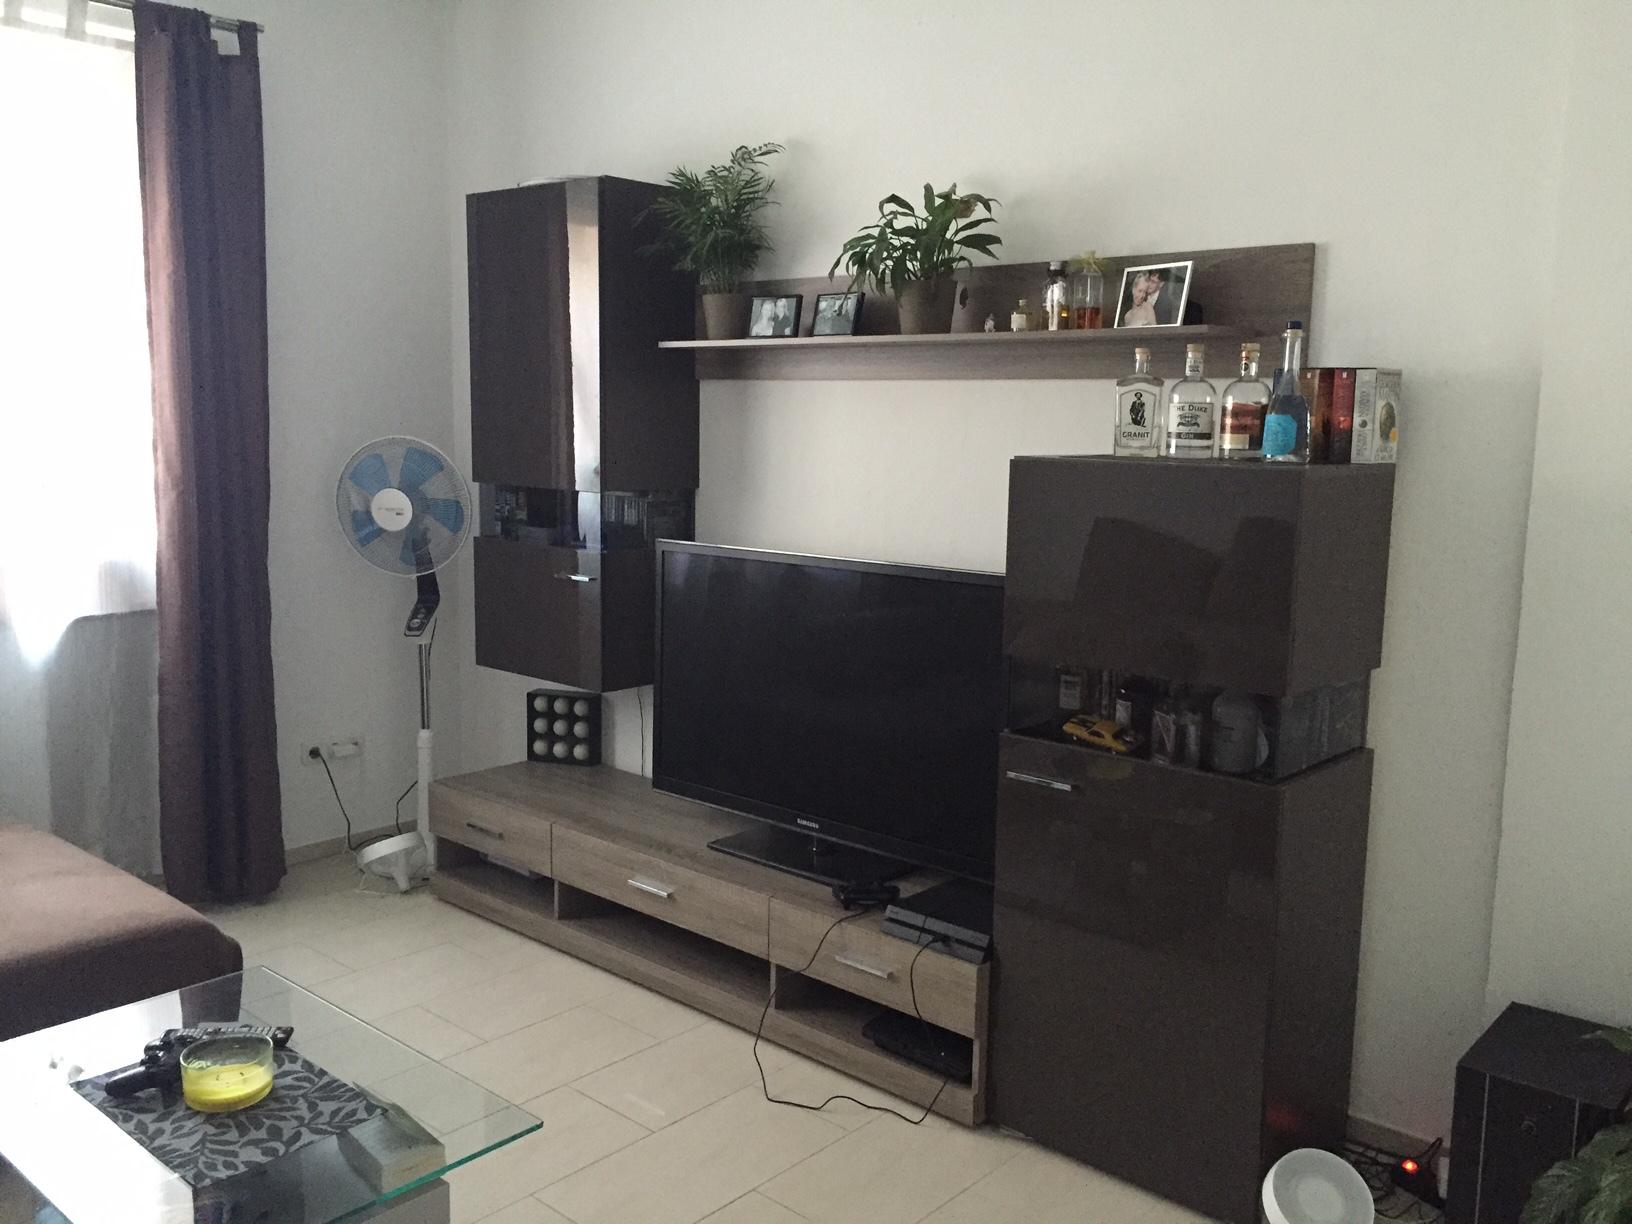 wohnzimmer heimkino heimkinowohnzimmer lautsprecher. Black Bedroom Furniture Sets. Home Design Ideas